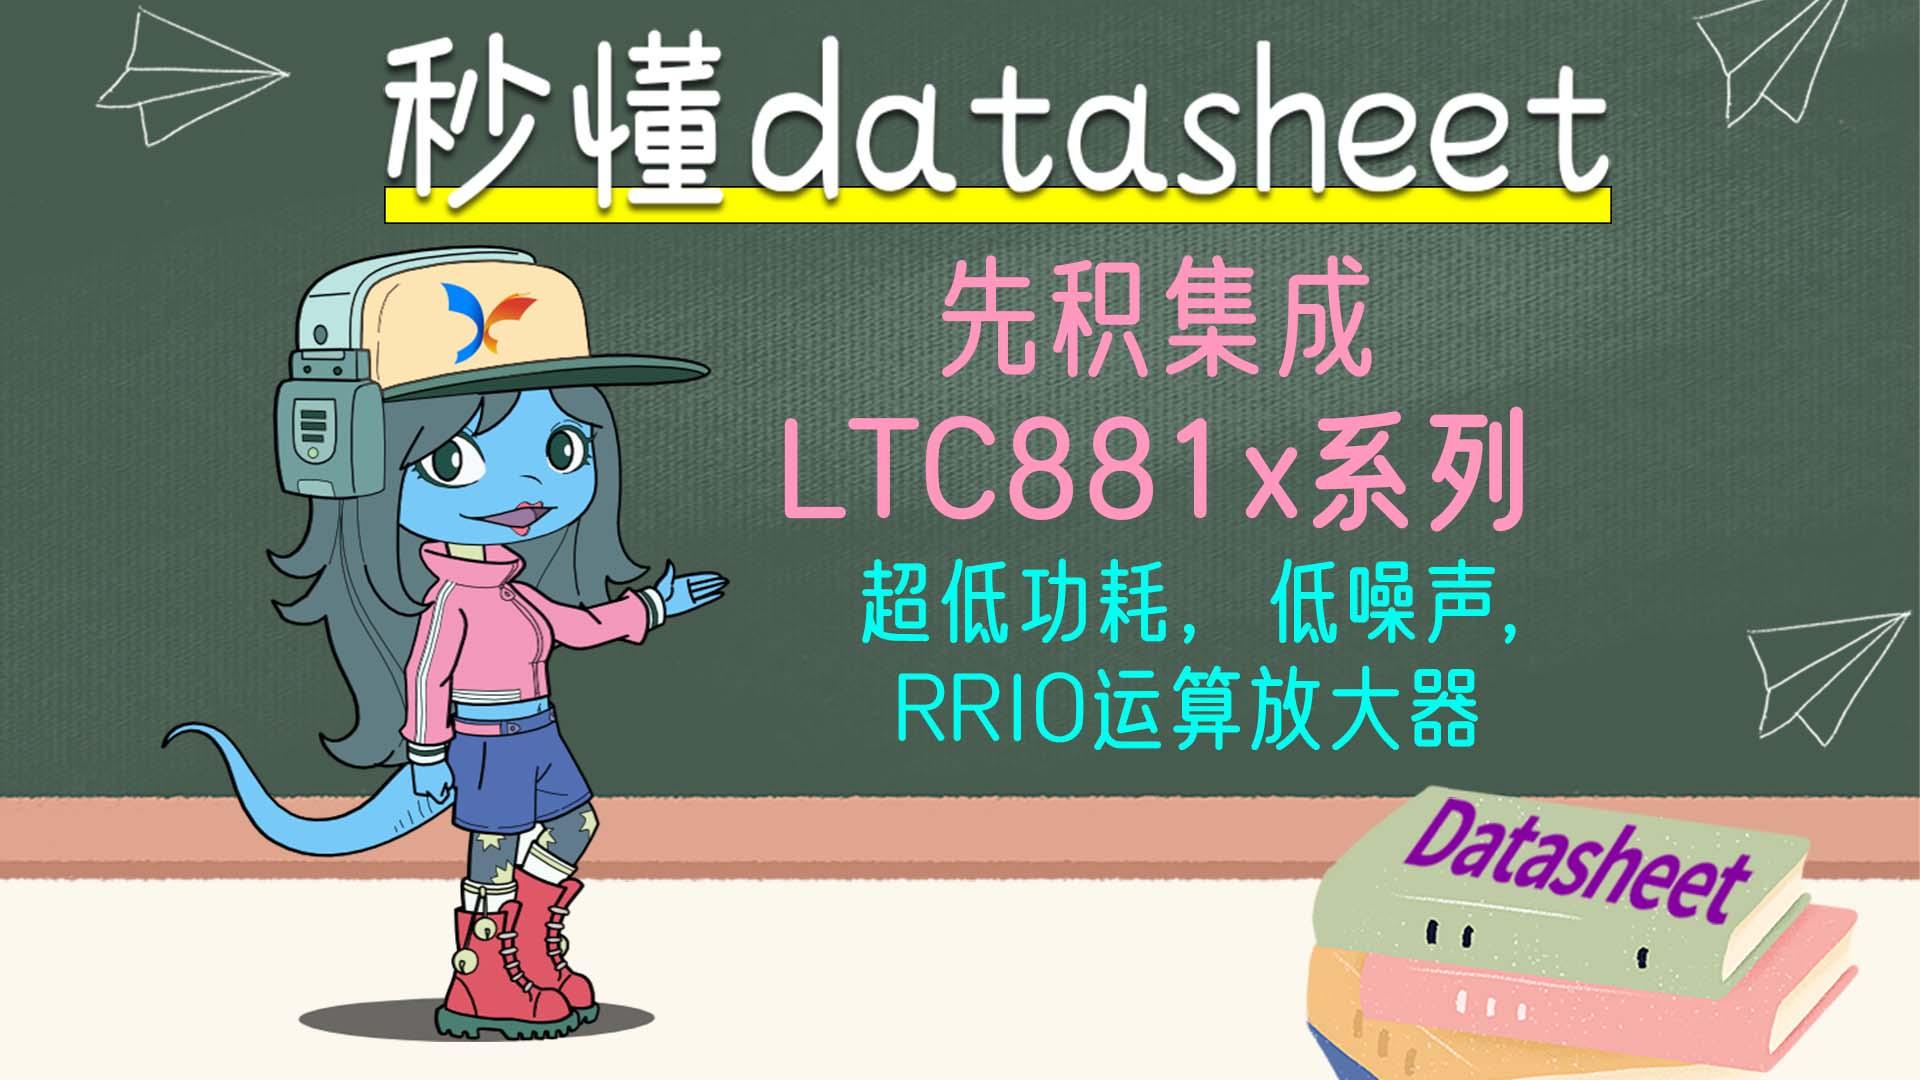 【秒懂datasheet】先积集成LTC881x系列 运算放大器